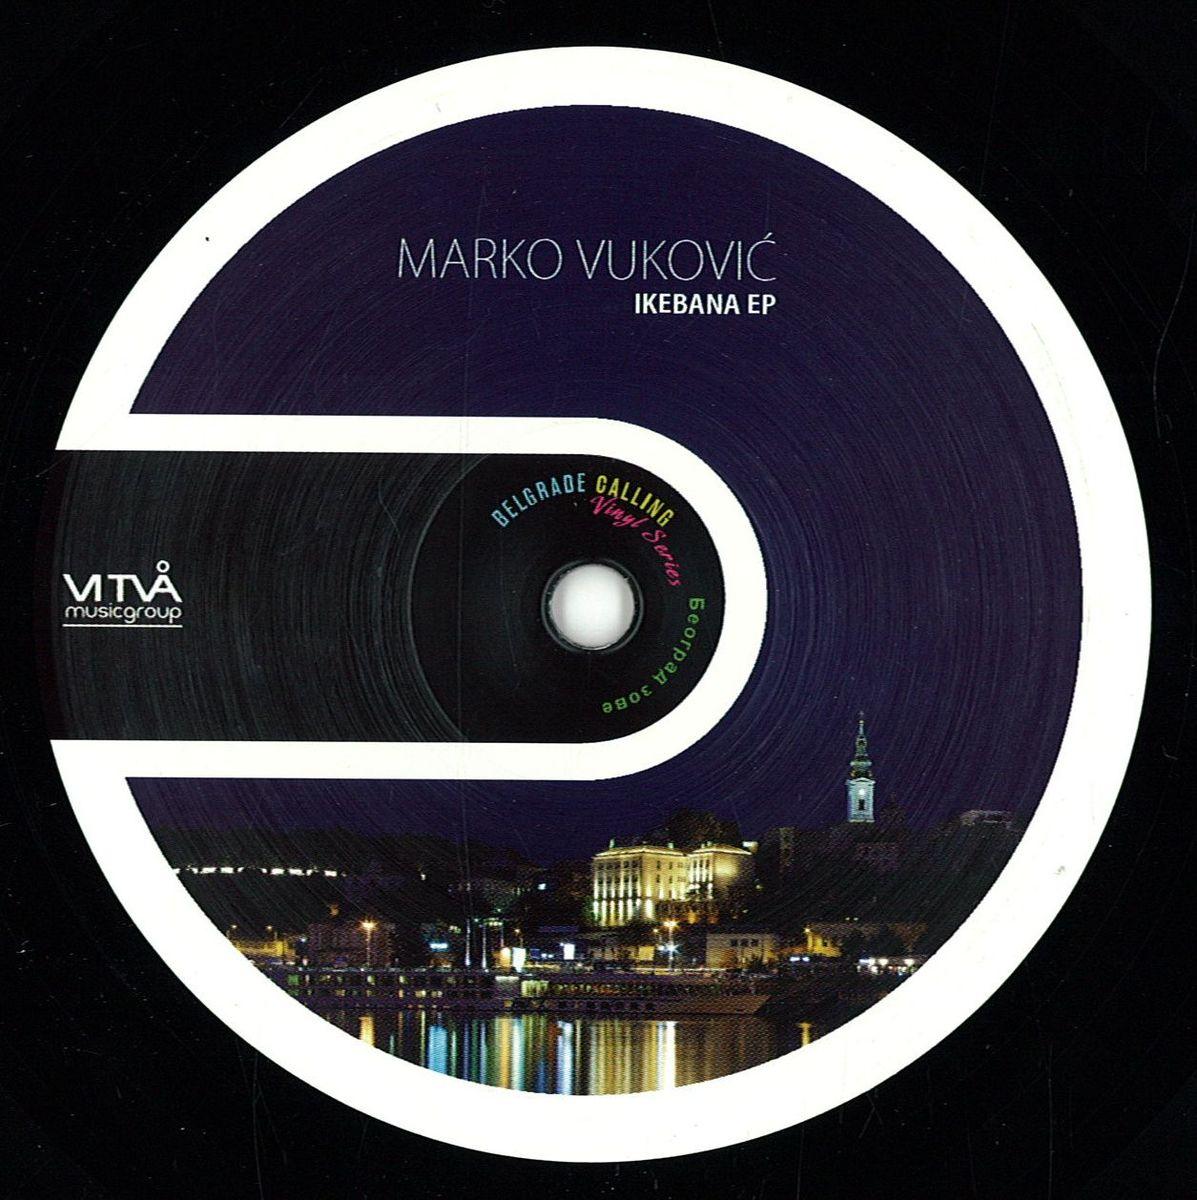 Marko Vukovic Ikebana Vi Tva Vitbg001 Vinyl